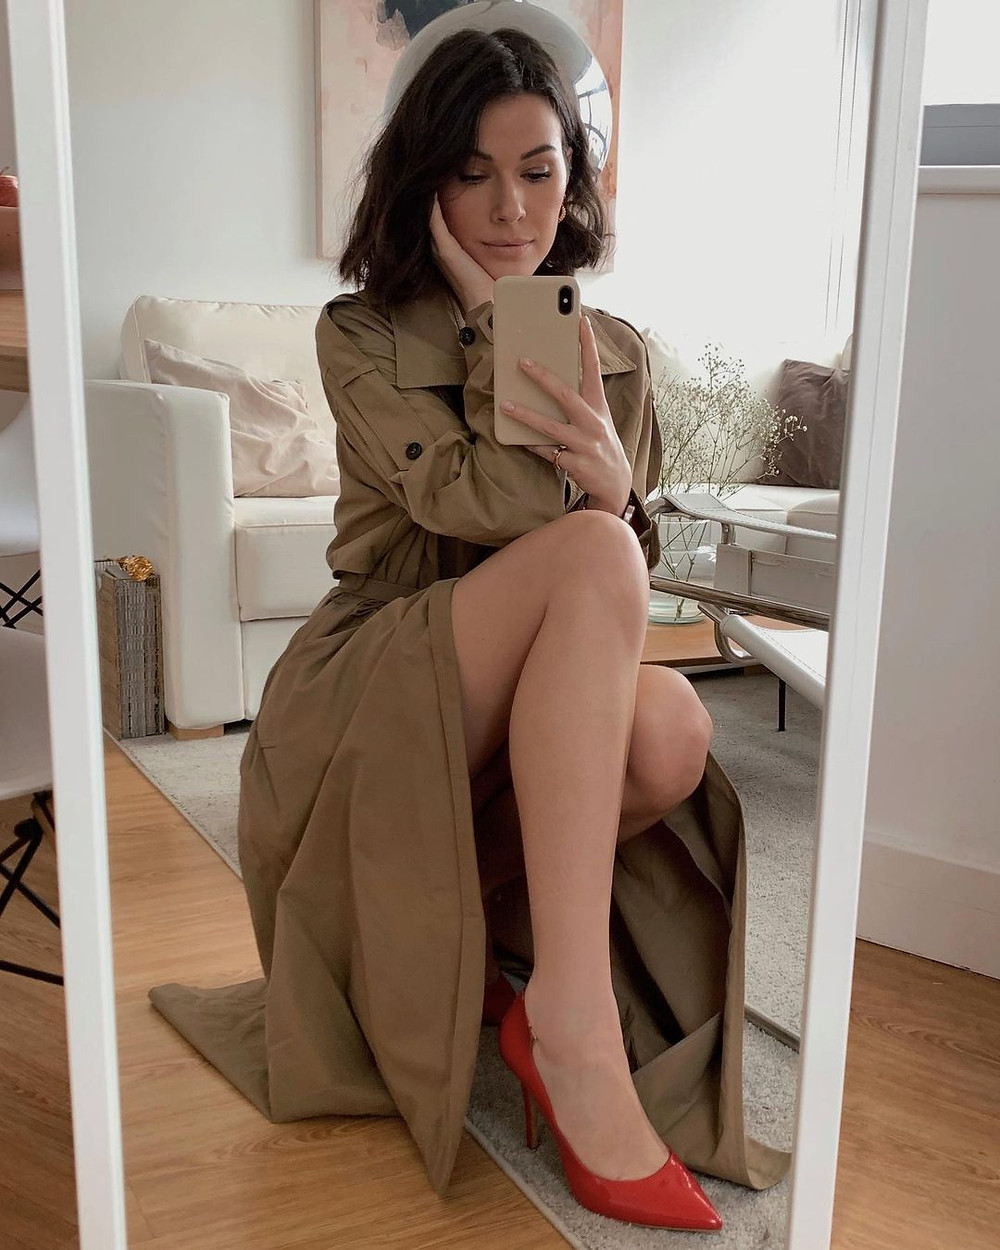 julia lundin blog mirror selfie in tan dress